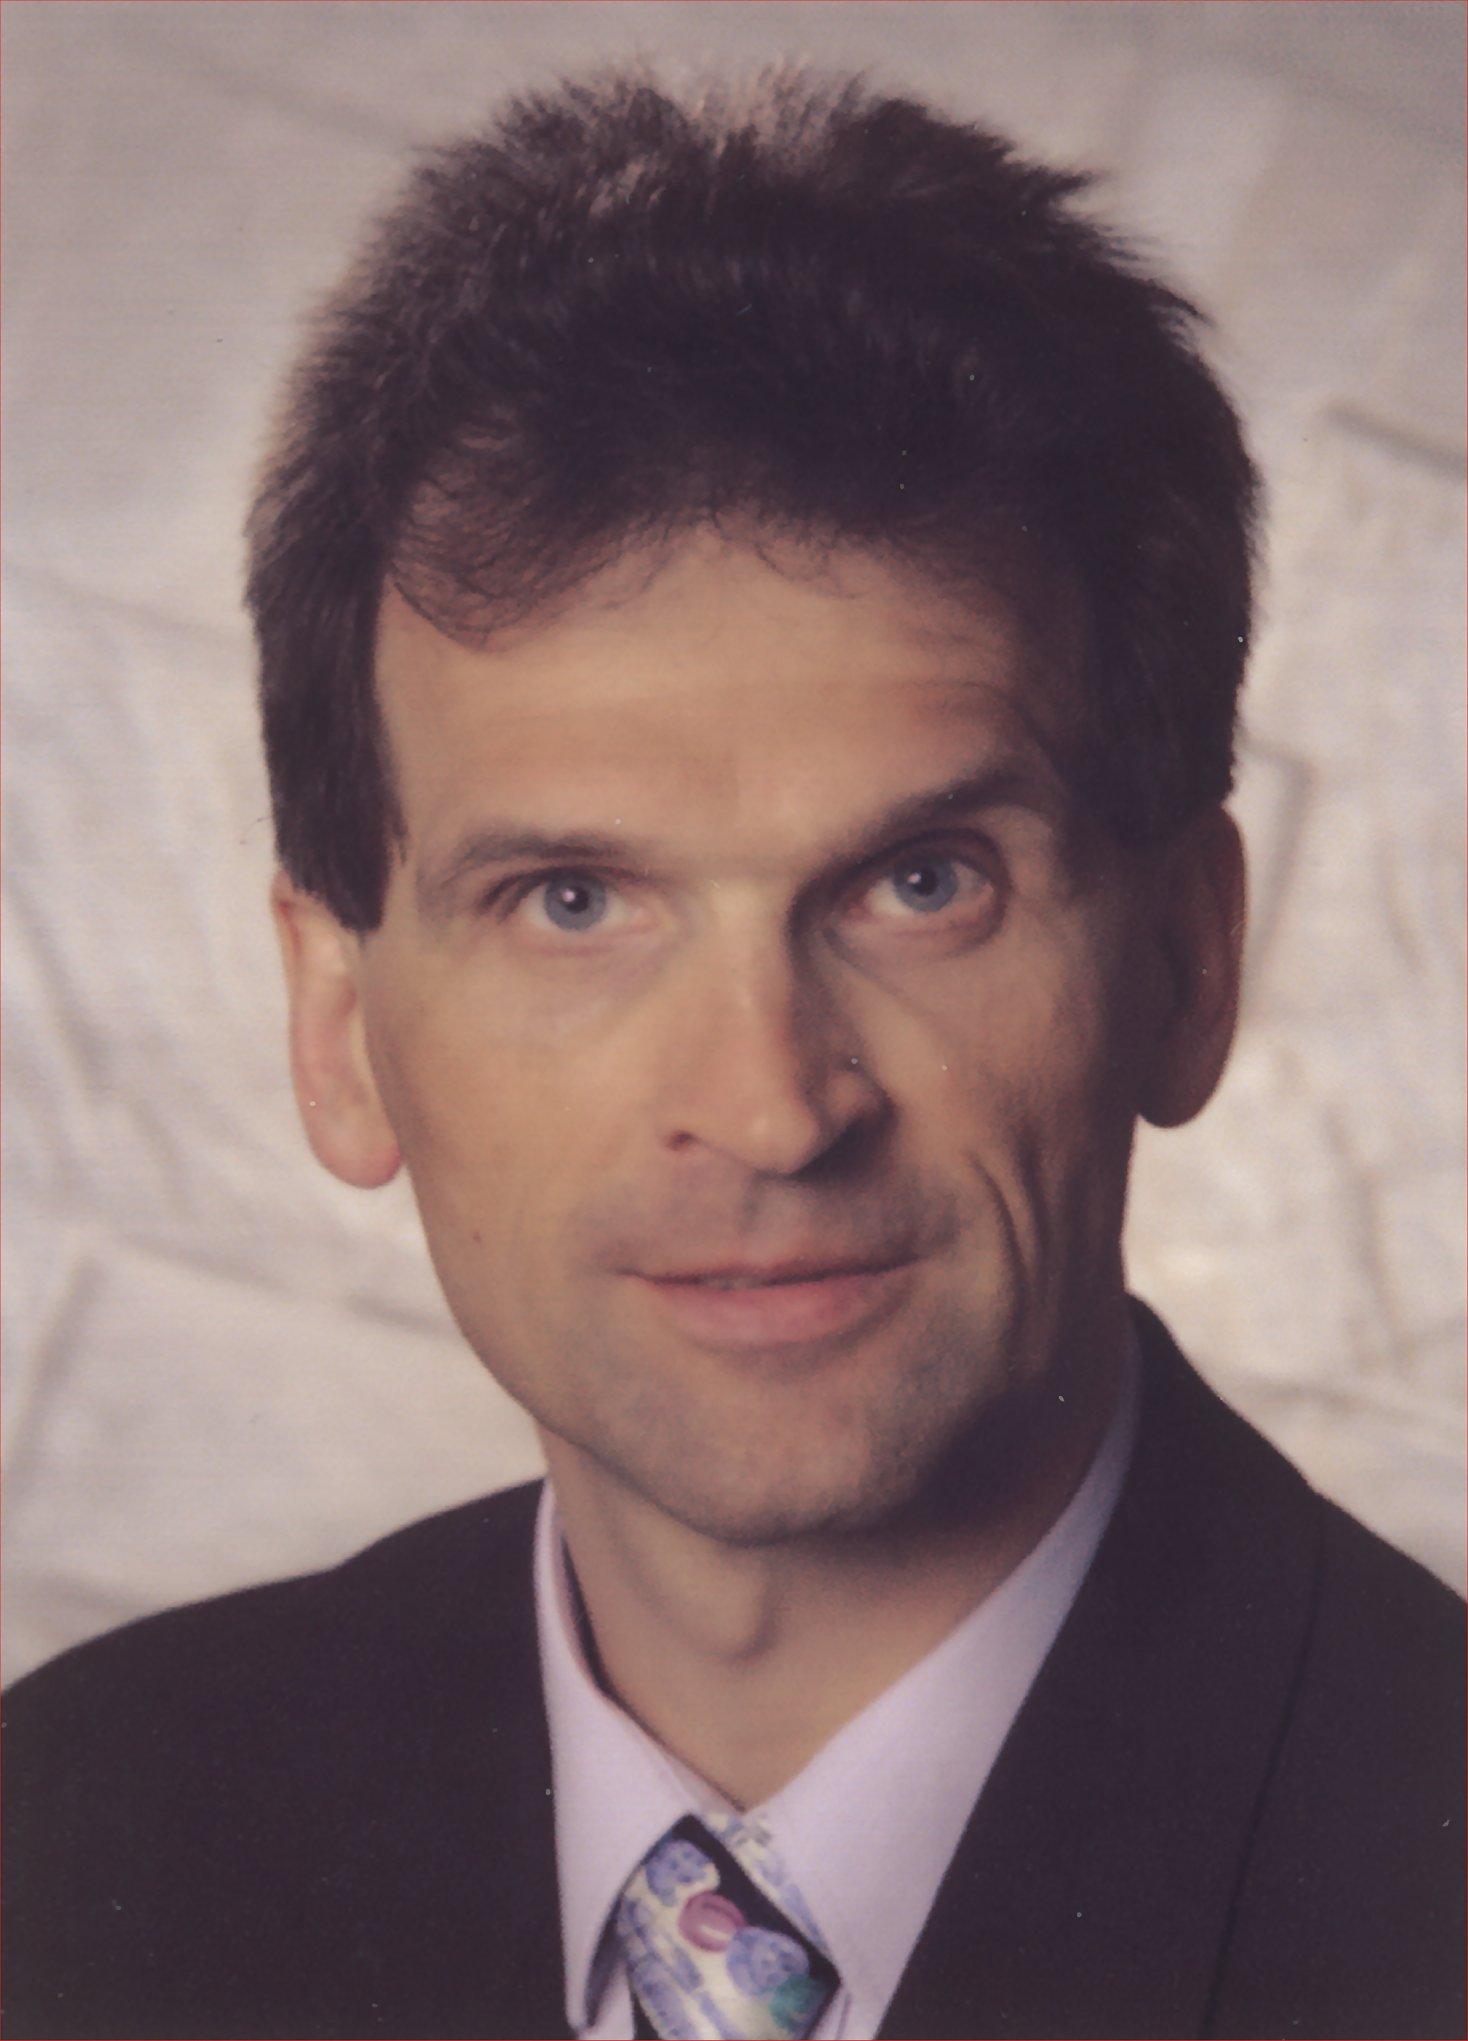 Thomas Hanemann